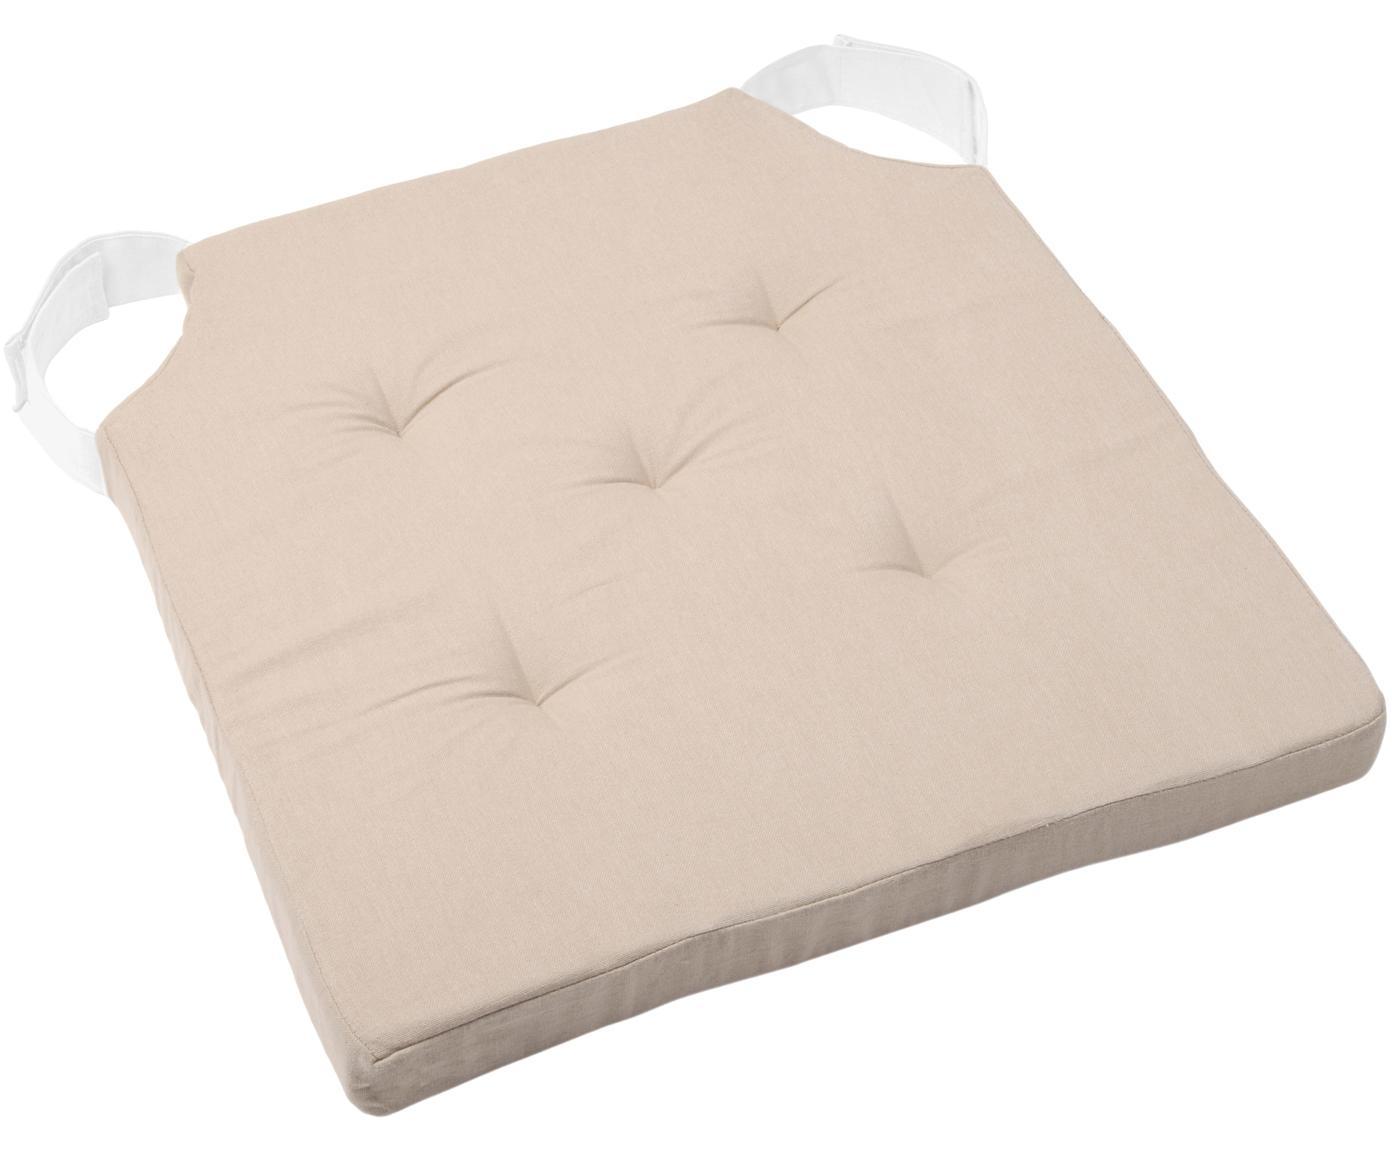 Sitzkissen Duo, Bezug: Baumwolle, Beige, 40 x 40 cm